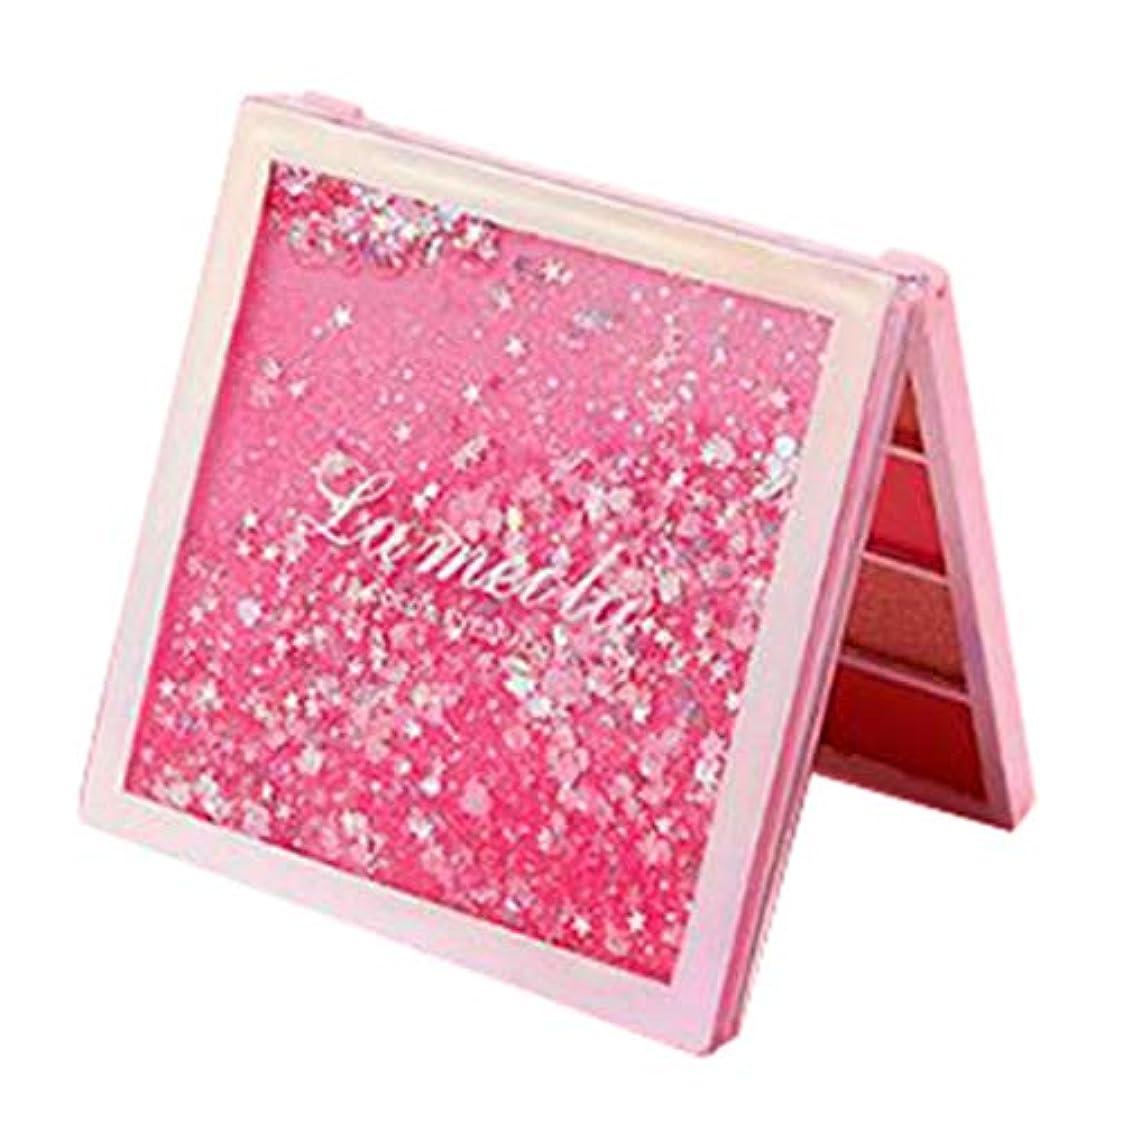 素晴らしき逸話衣類12色 アイシャドウ アイシャドウパレット メイクアップパレット マット キラキラ 色付けしやすい 長持ち 防水 - ピンク